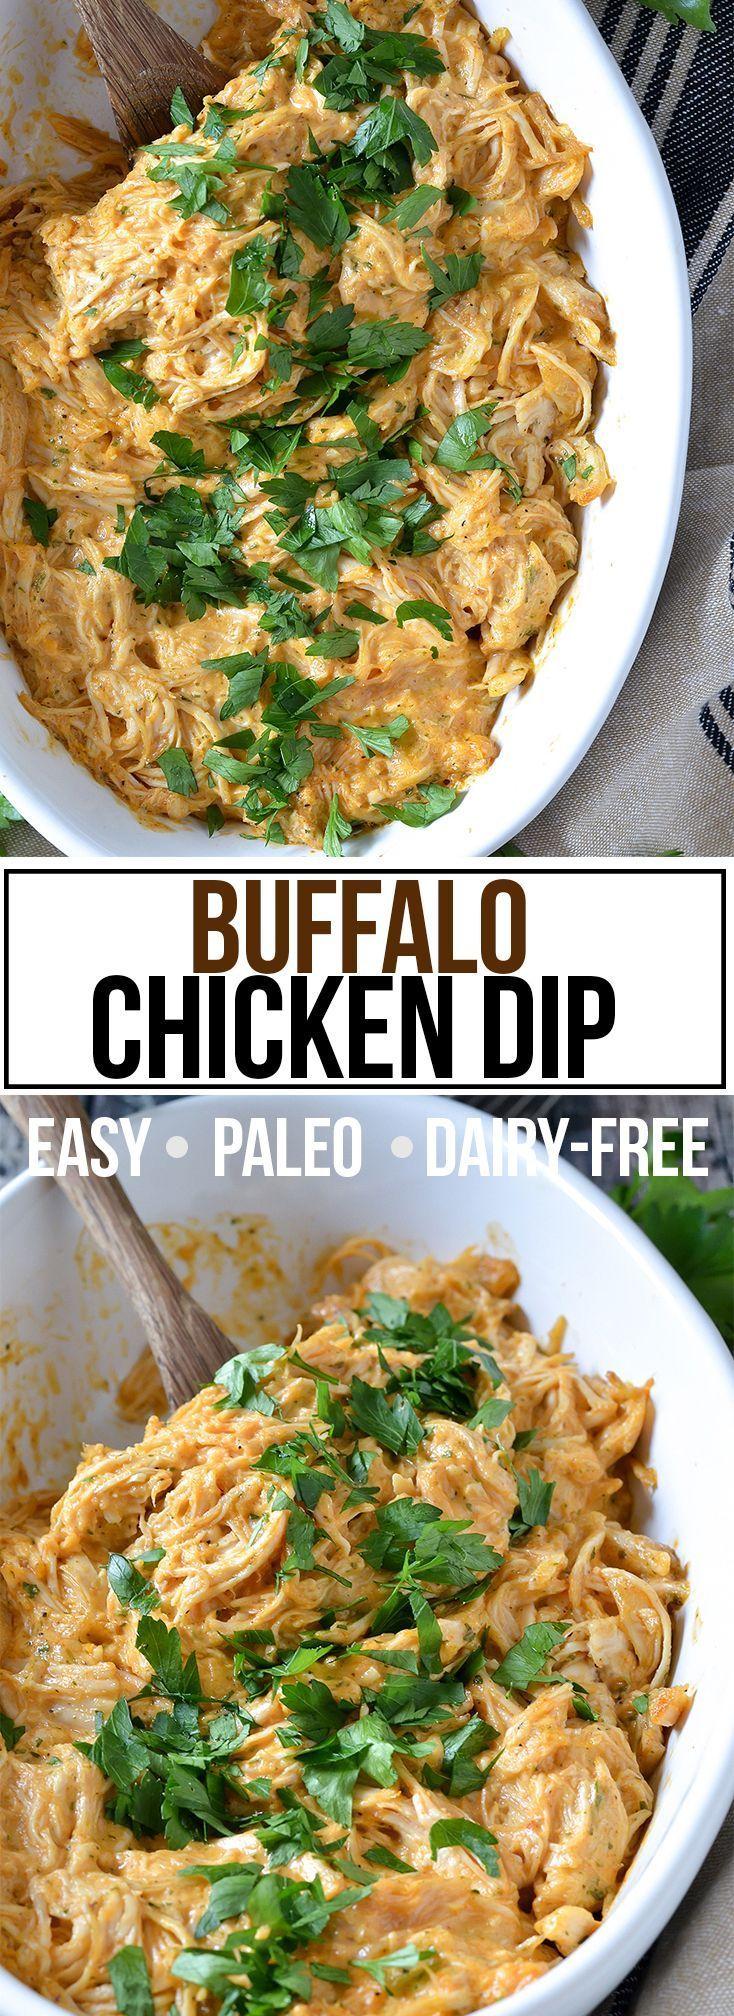 Buffalo Chicken Dip (Paleo + Dairy-Free) #dairyfreesmoothie